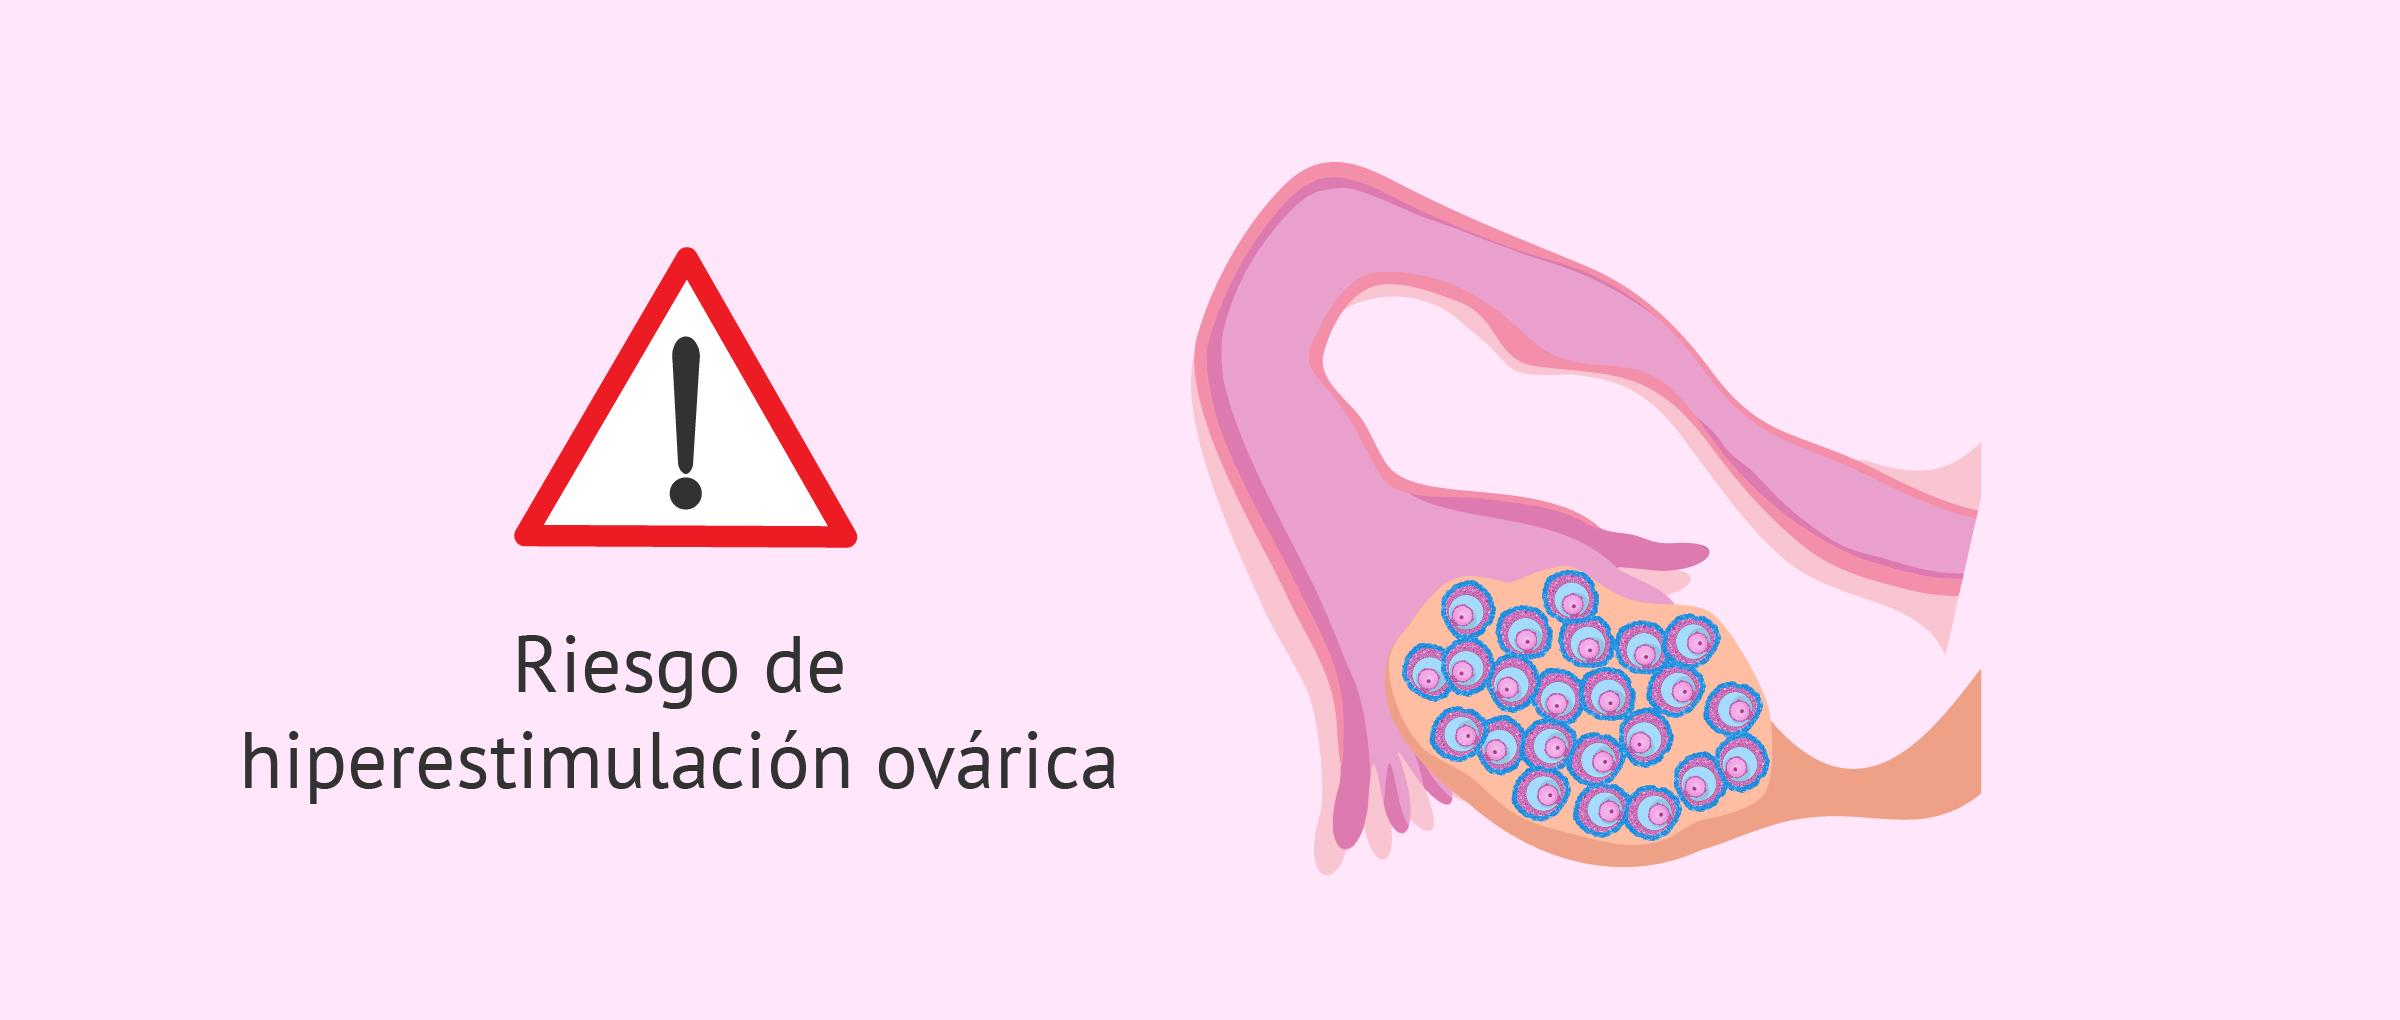 Riesgo de hiperestimulación ovárica en inseminación artificial